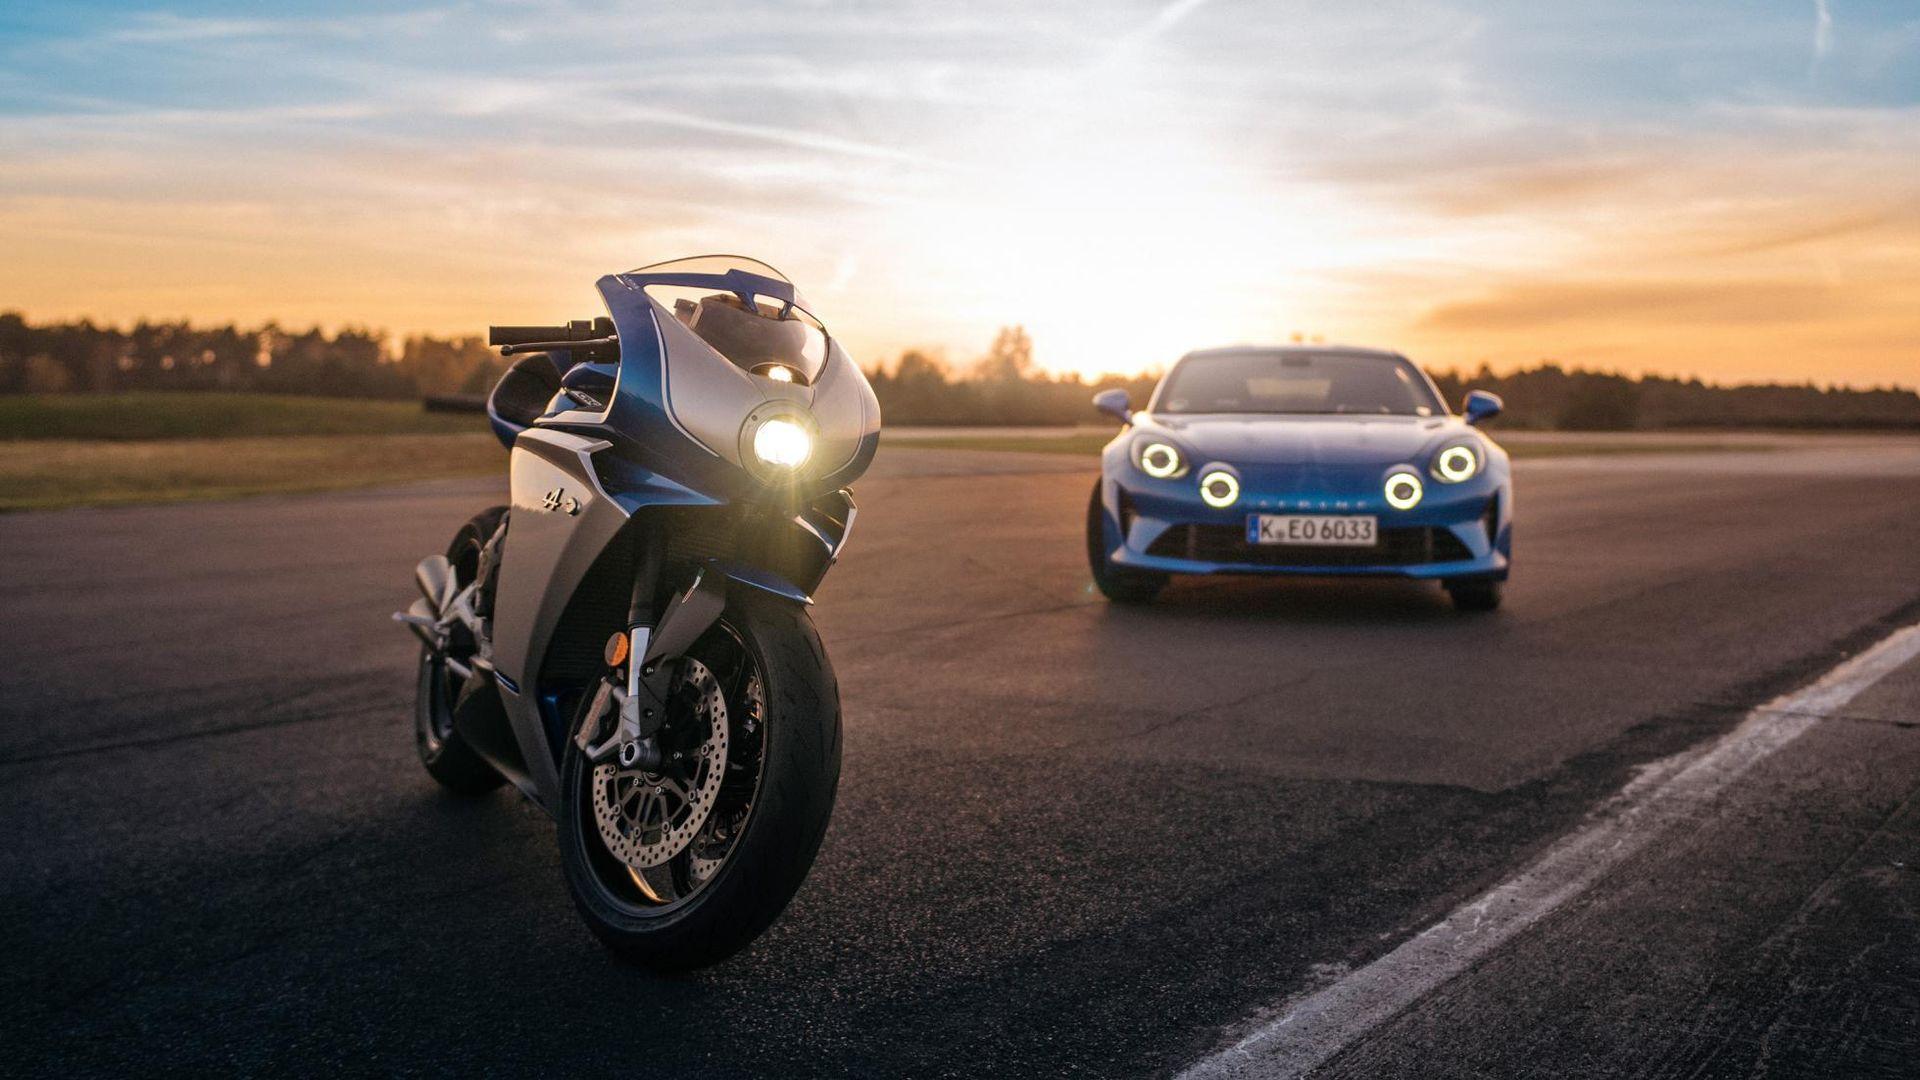 MV Agusta släpper motorcykel inspirerad av nya Alpine A110